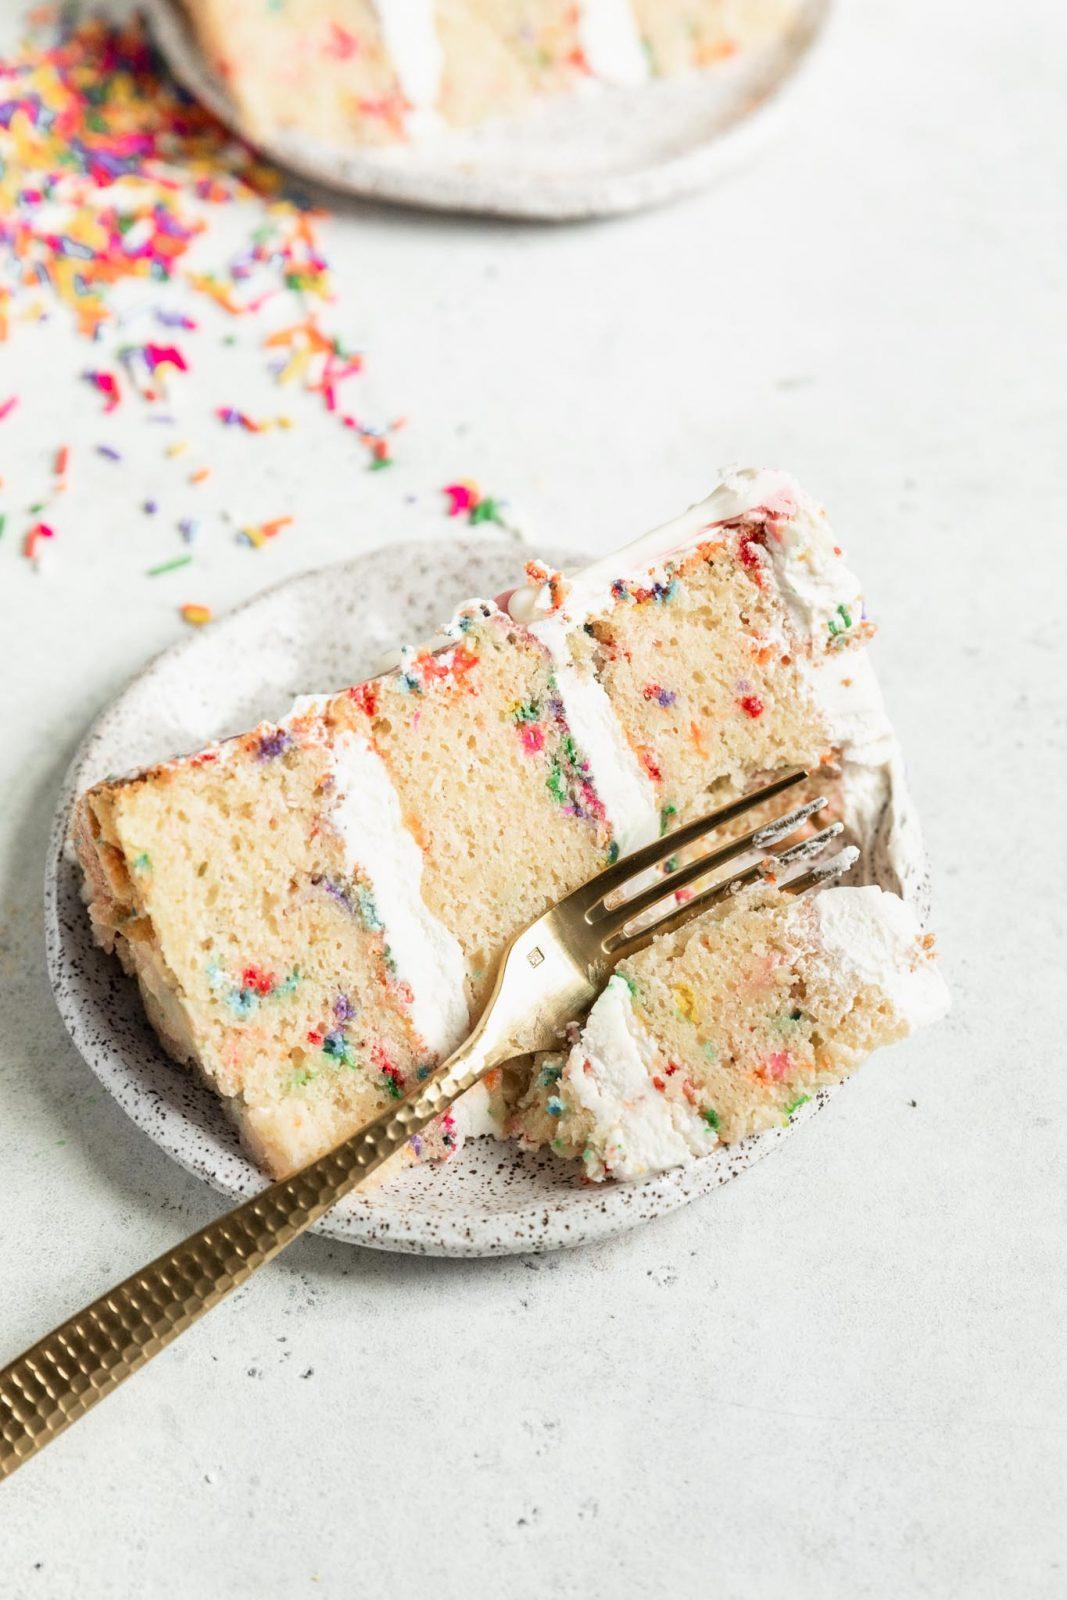 Hivatalosan buli ezzel a házi funfetti sütemény receptjével!  Az íze még jobb, mint a pillsbury torta keveréke, és tökéletes születésnapi torta.